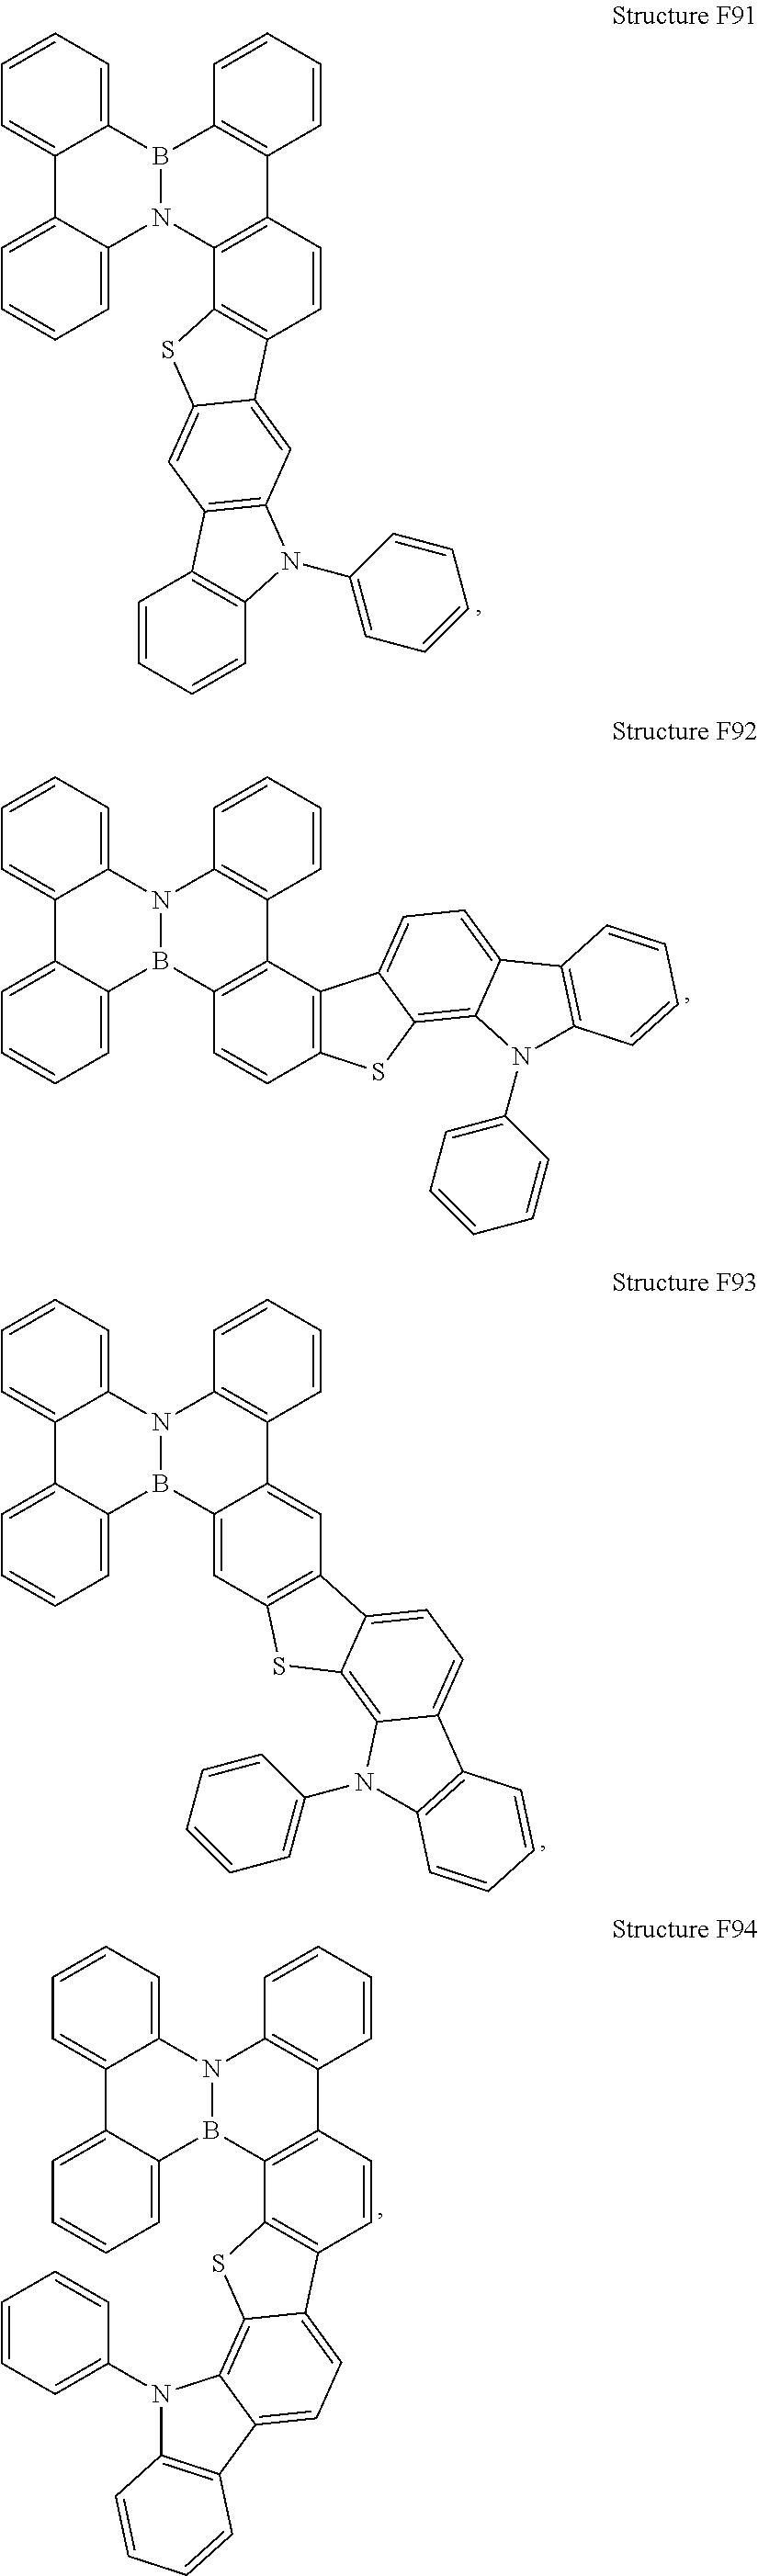 Figure US09871212-20180116-C00356